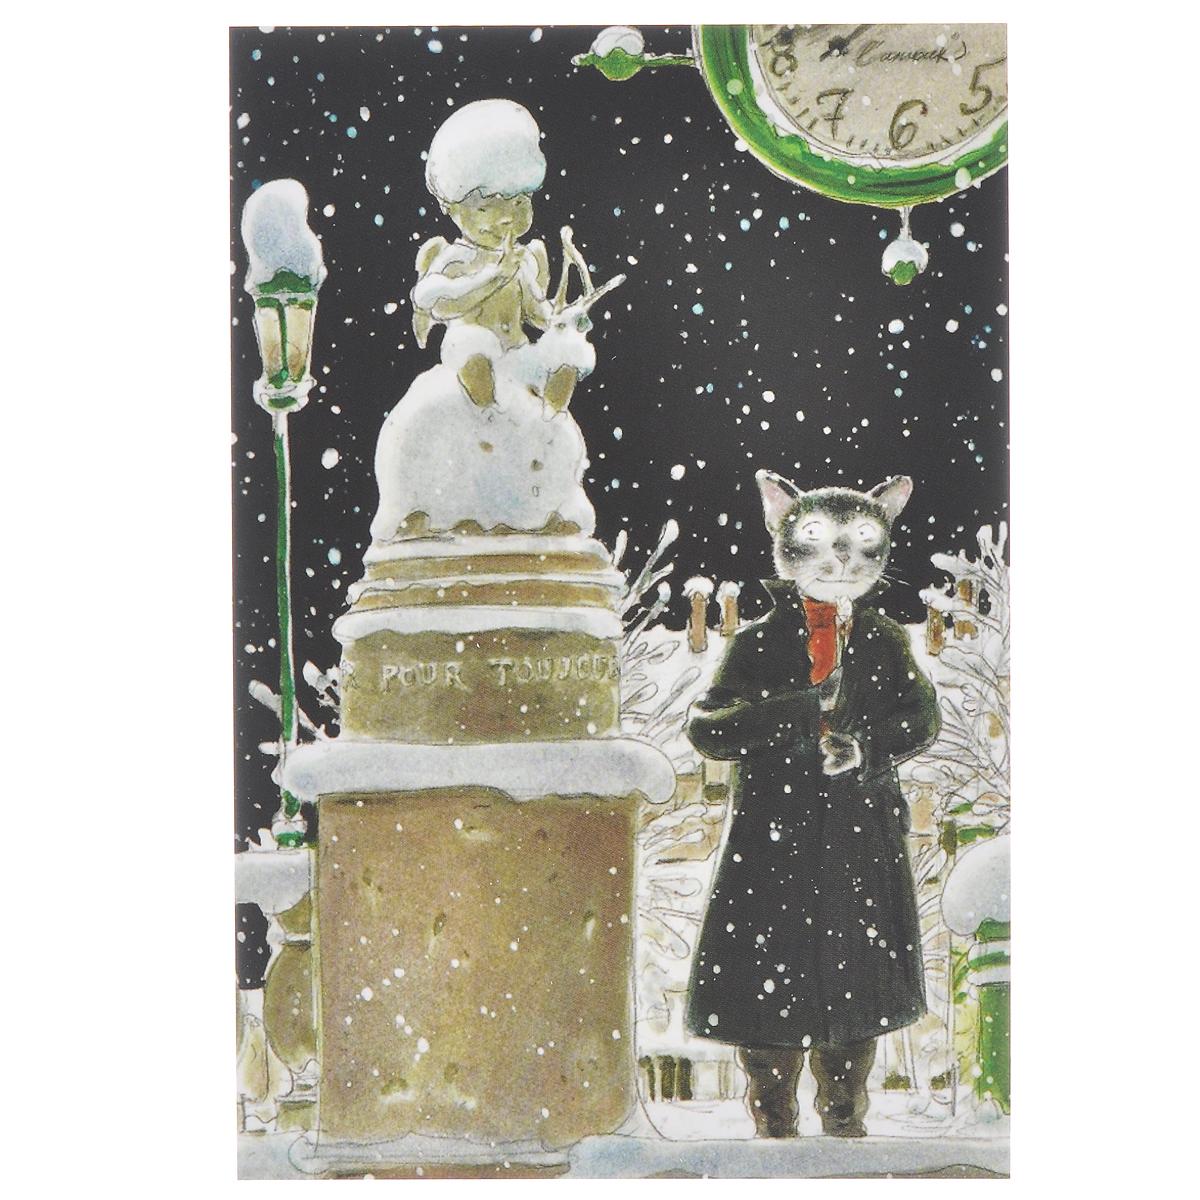 Открытка И еще пять минут. Из набора Парижский Кот-художник. Автор: Андрей АринушкинAA10-013Оригинальная дизайнерская открытка И ещё пять минут… из набора Парижский Кот-художник выполнена из плотного матового картона. На лицевой стороне расположена репродукция картины художника Андрея Аринушкина. На задней стороне имеется поле для записей.Такая открытка станет великолепным дополнением к подарку или оригинальным почтовым посланием, которое, несомненно, удивит получателя своим дизайном и подарит приятные воспоминания.